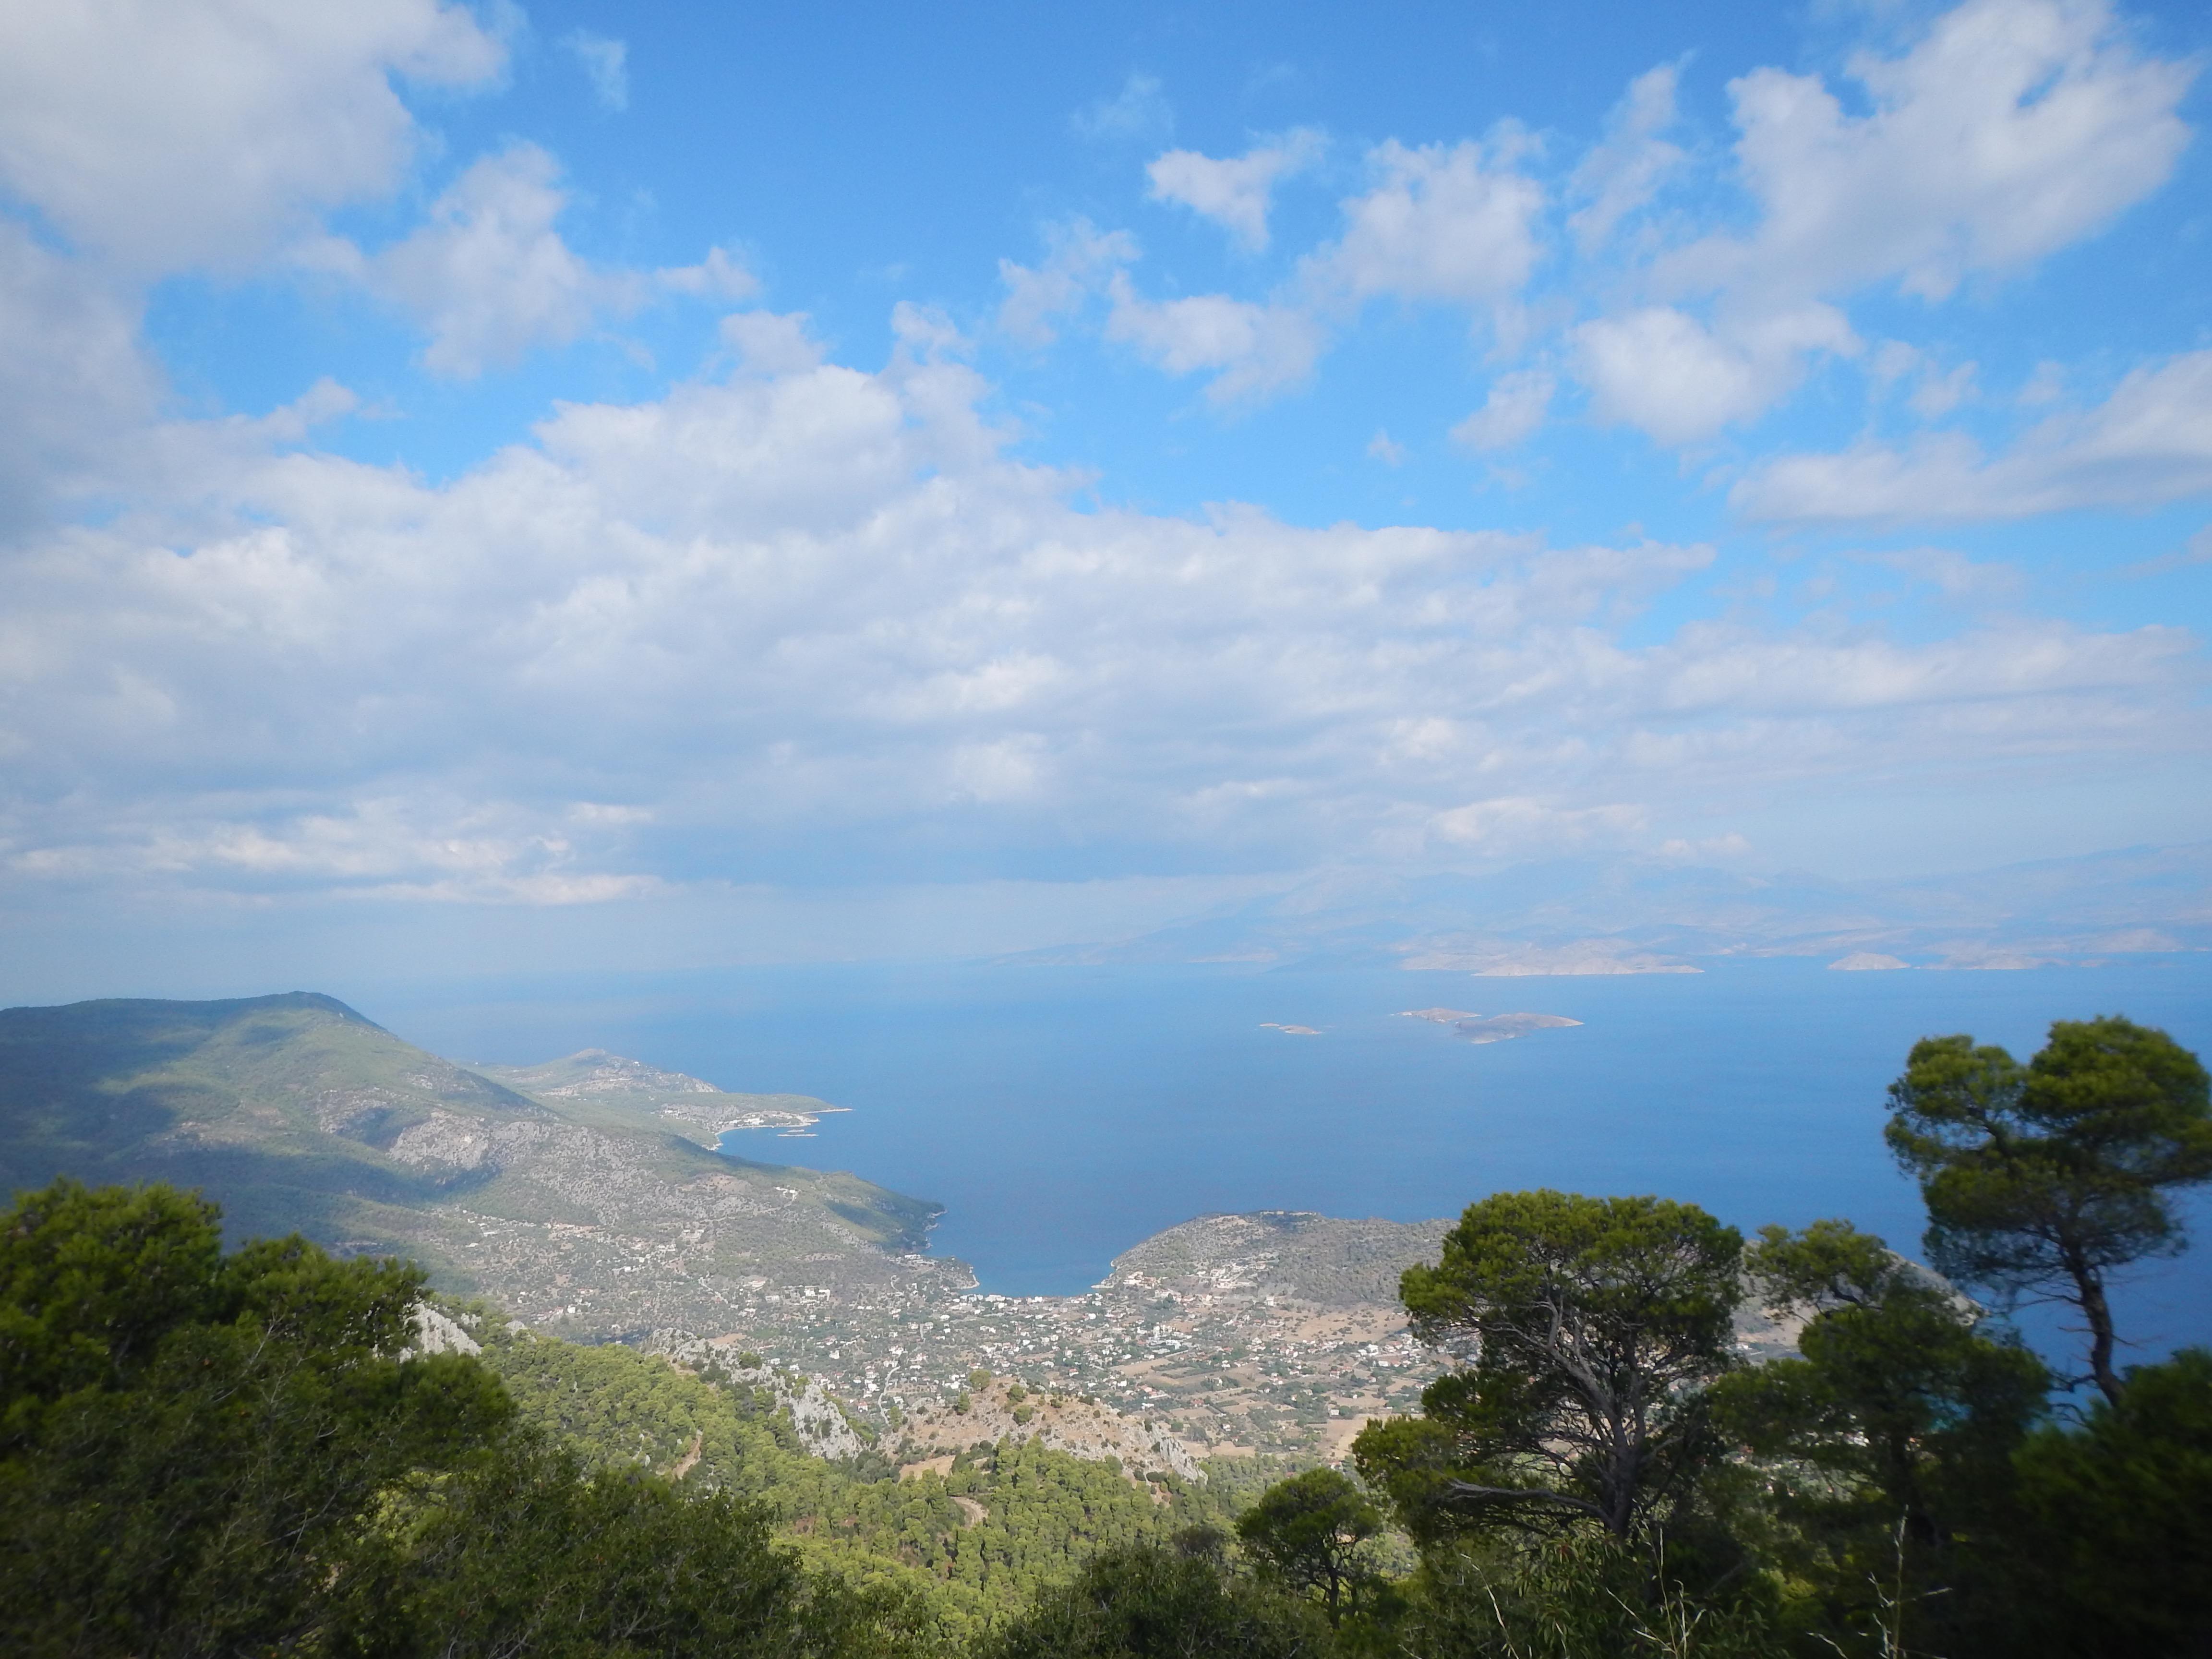 Grèce - Destination Météores par trail rando 161003093618112929